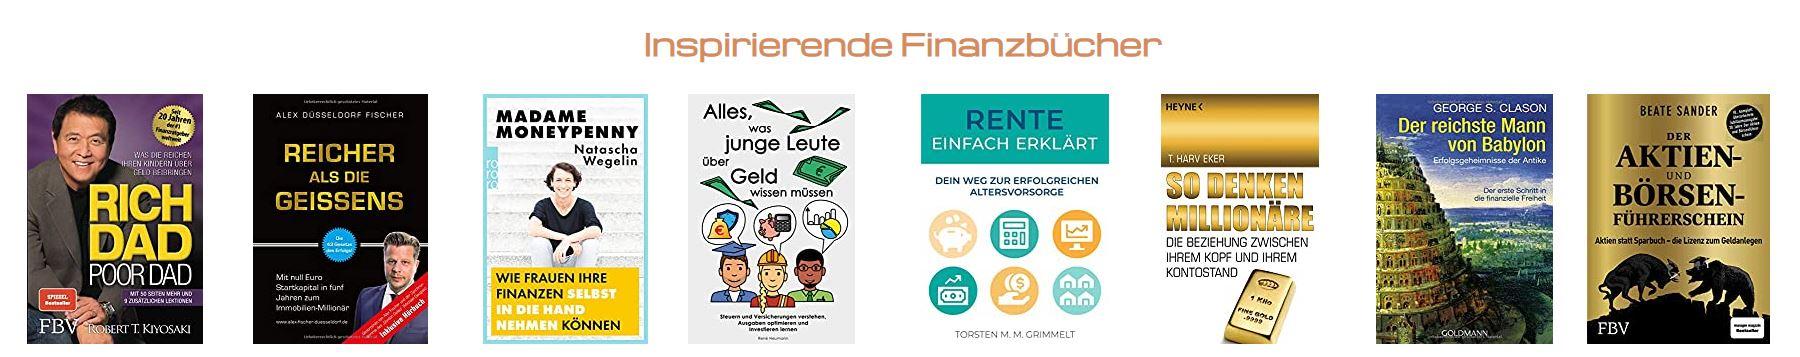 Finanzbuchempfehlungen Human Reboot